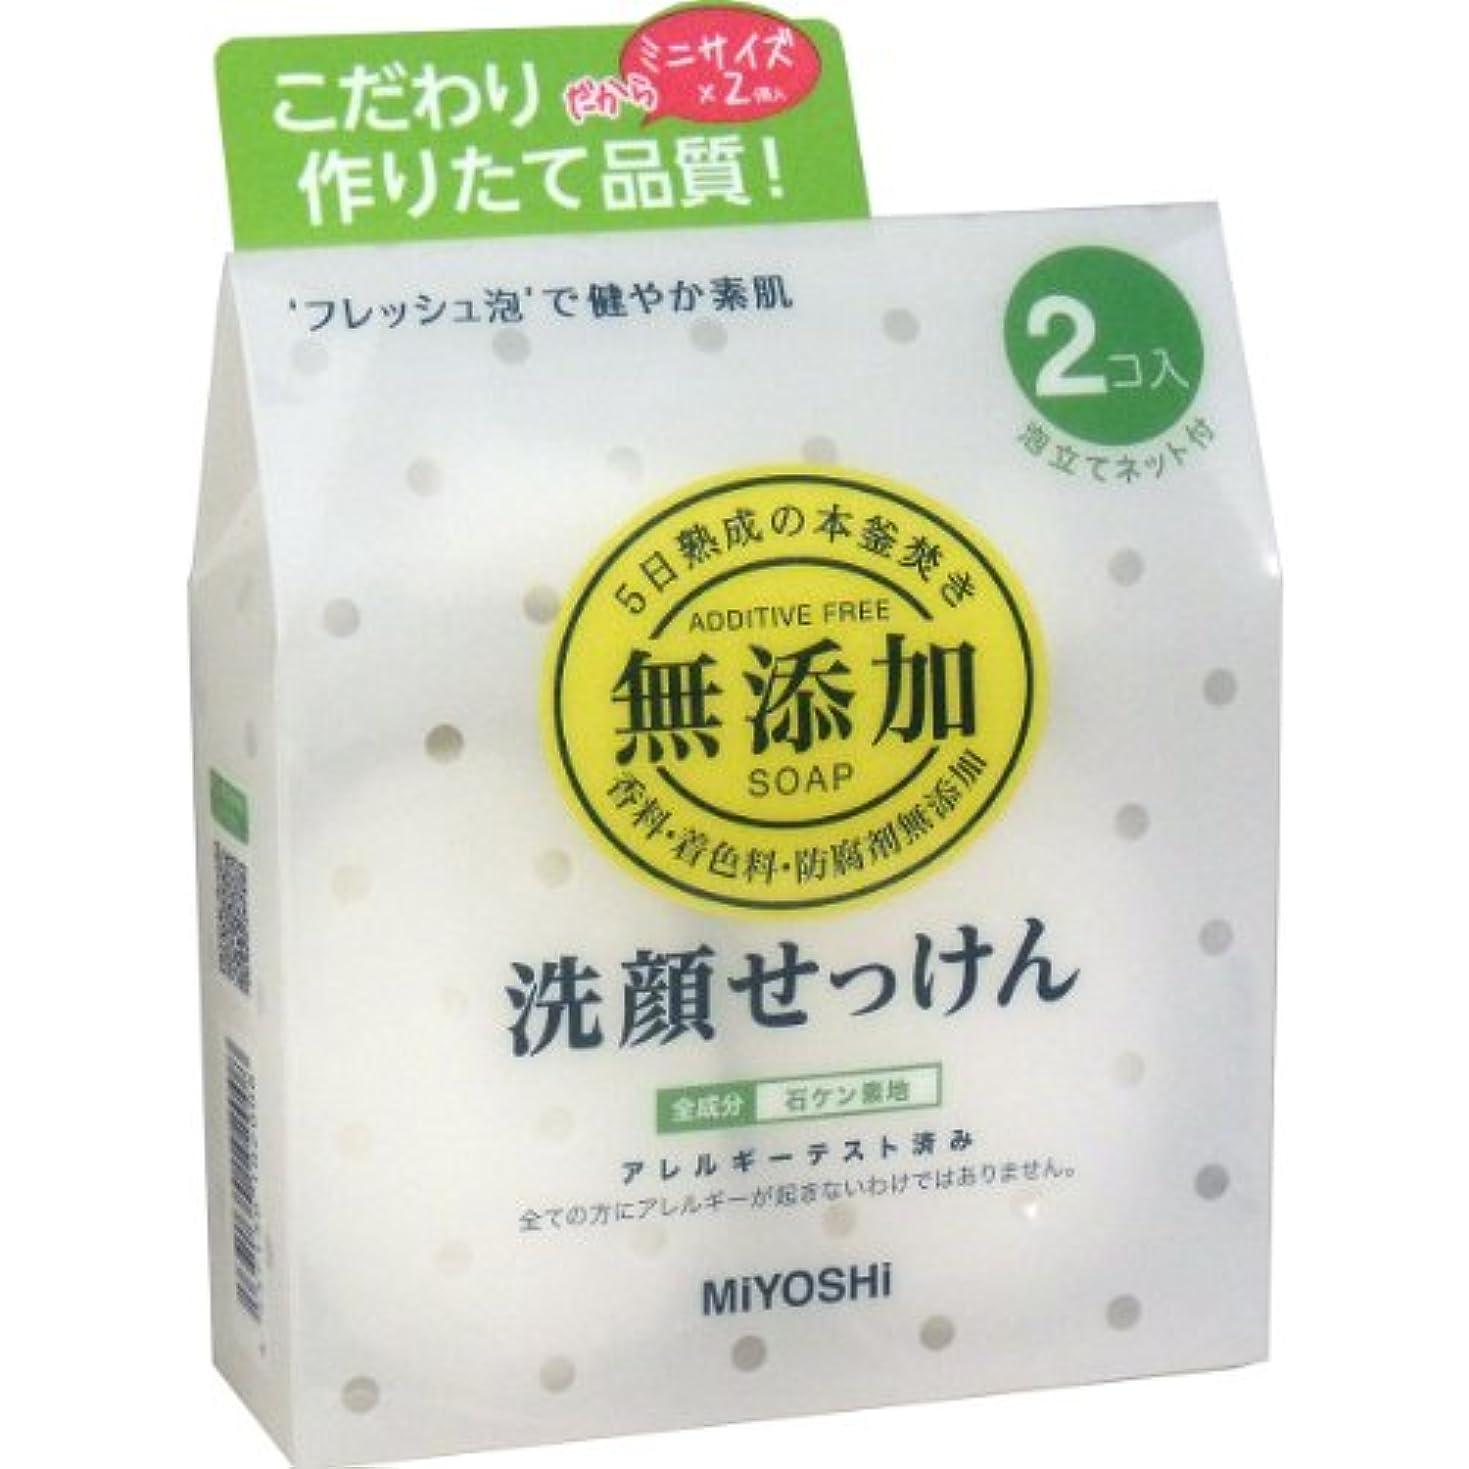 鉄道ダースランプ【まとめ買い】ミヨシ石鹸 無添加洗顔せっけん2個入 80g ×2セット